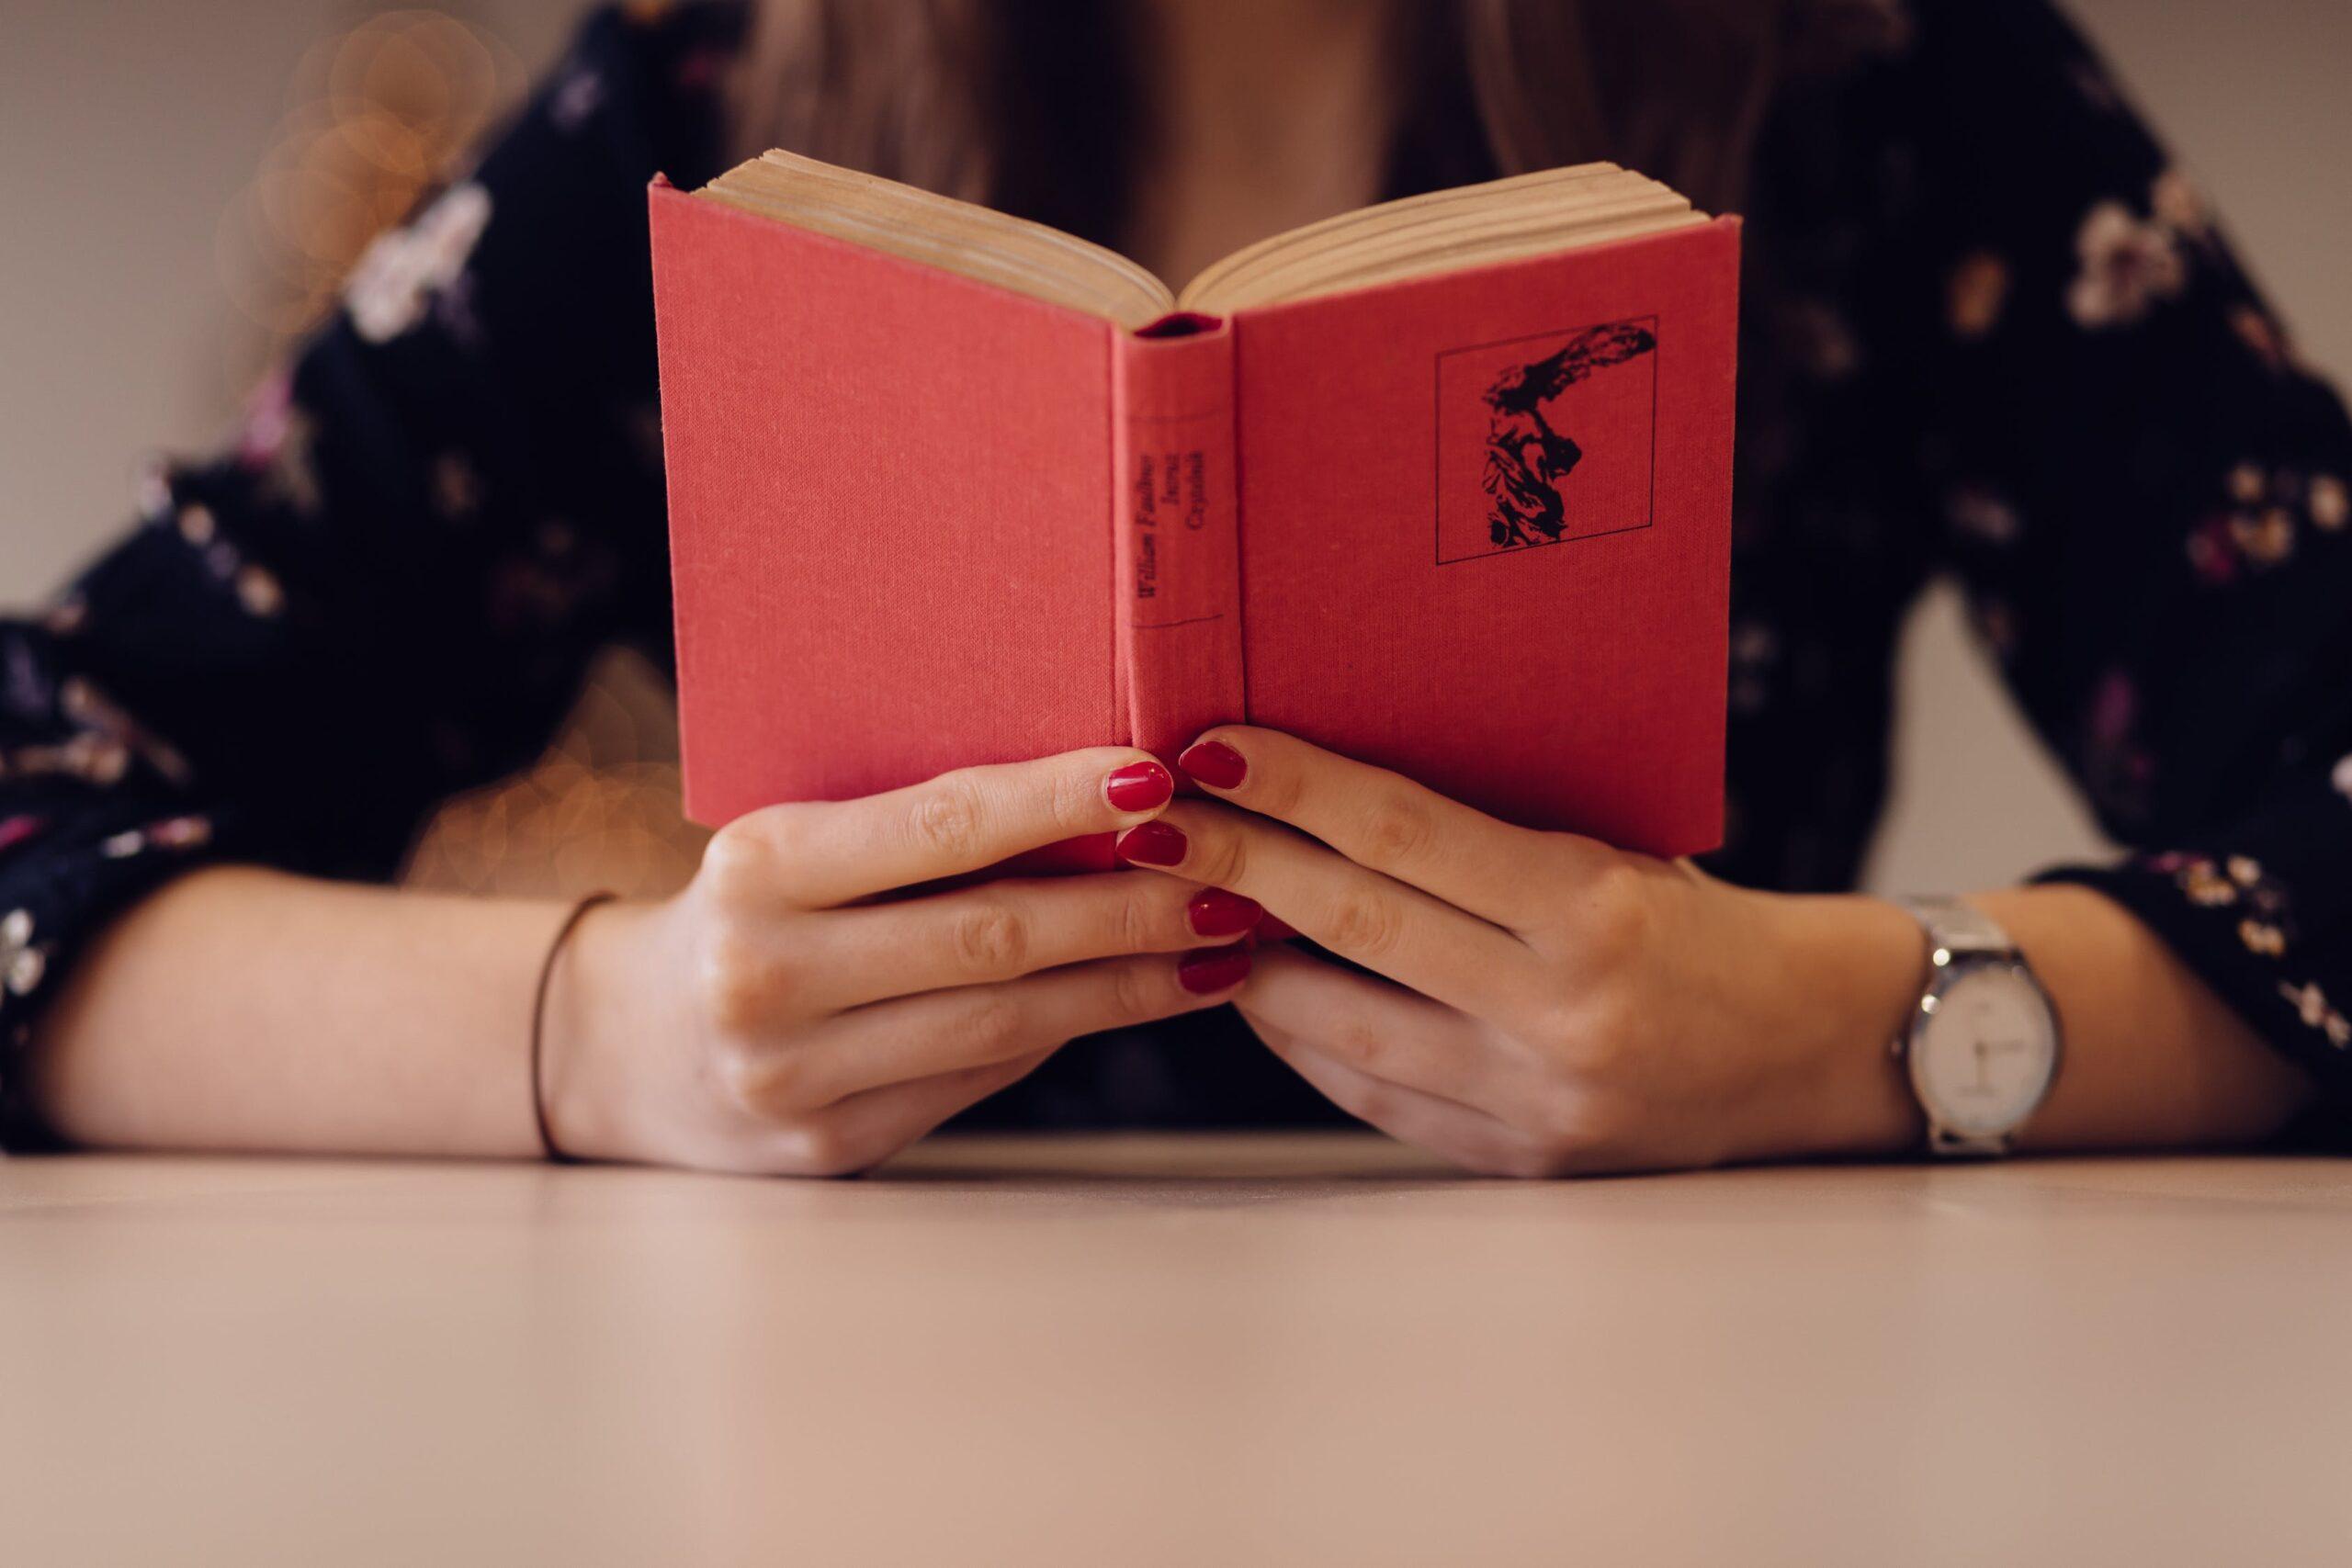 dekle bere knjigo